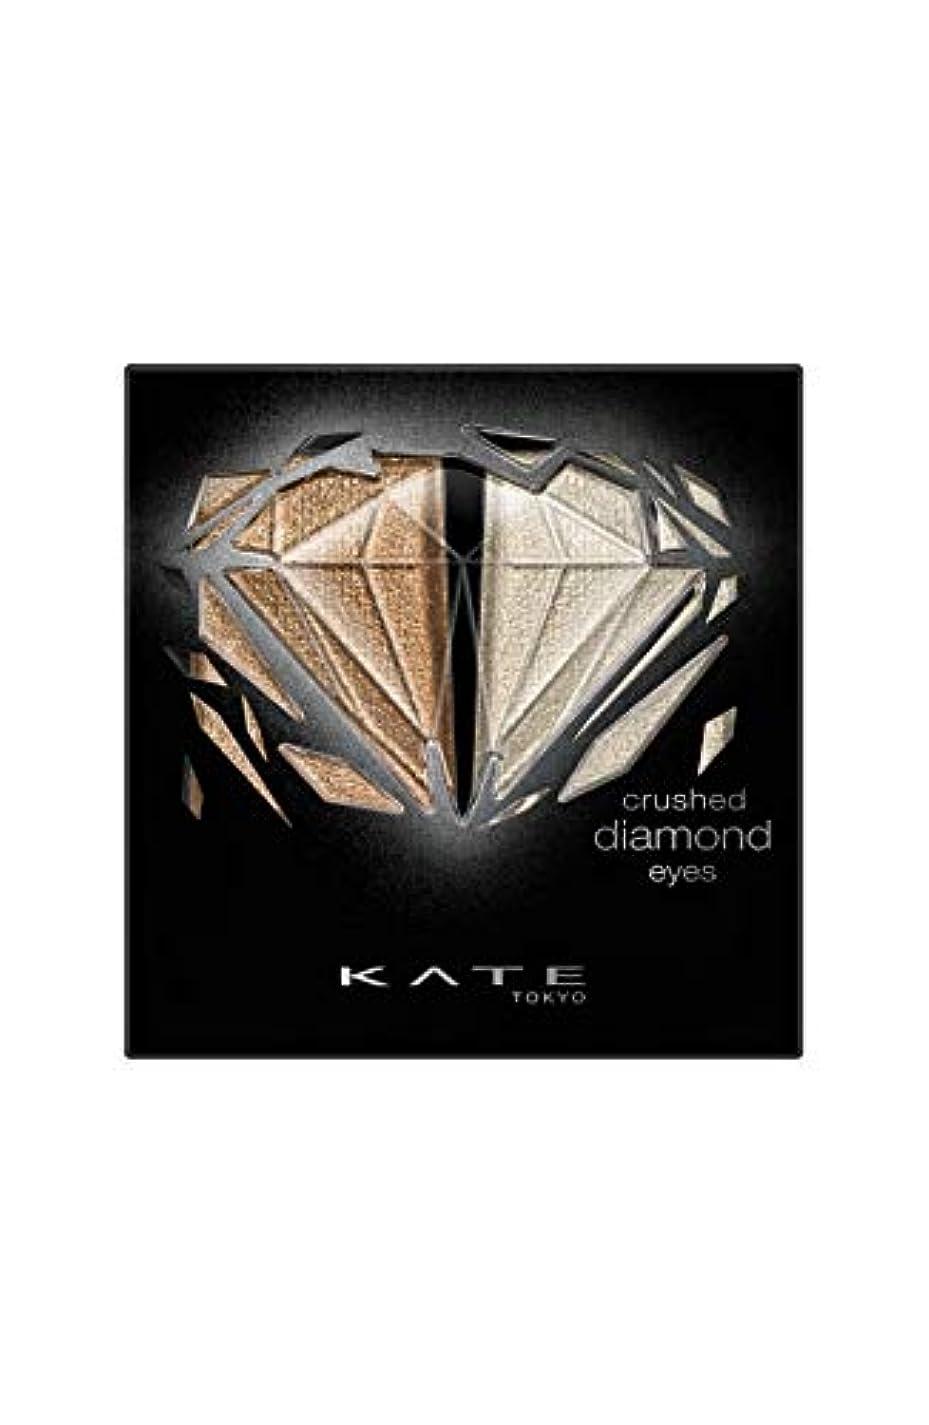 ラッチスキムたっぷりKATE(ケイト) ケイト クラッシュダイヤモンドアイズ BR-1 アイシャドウ 2.2g